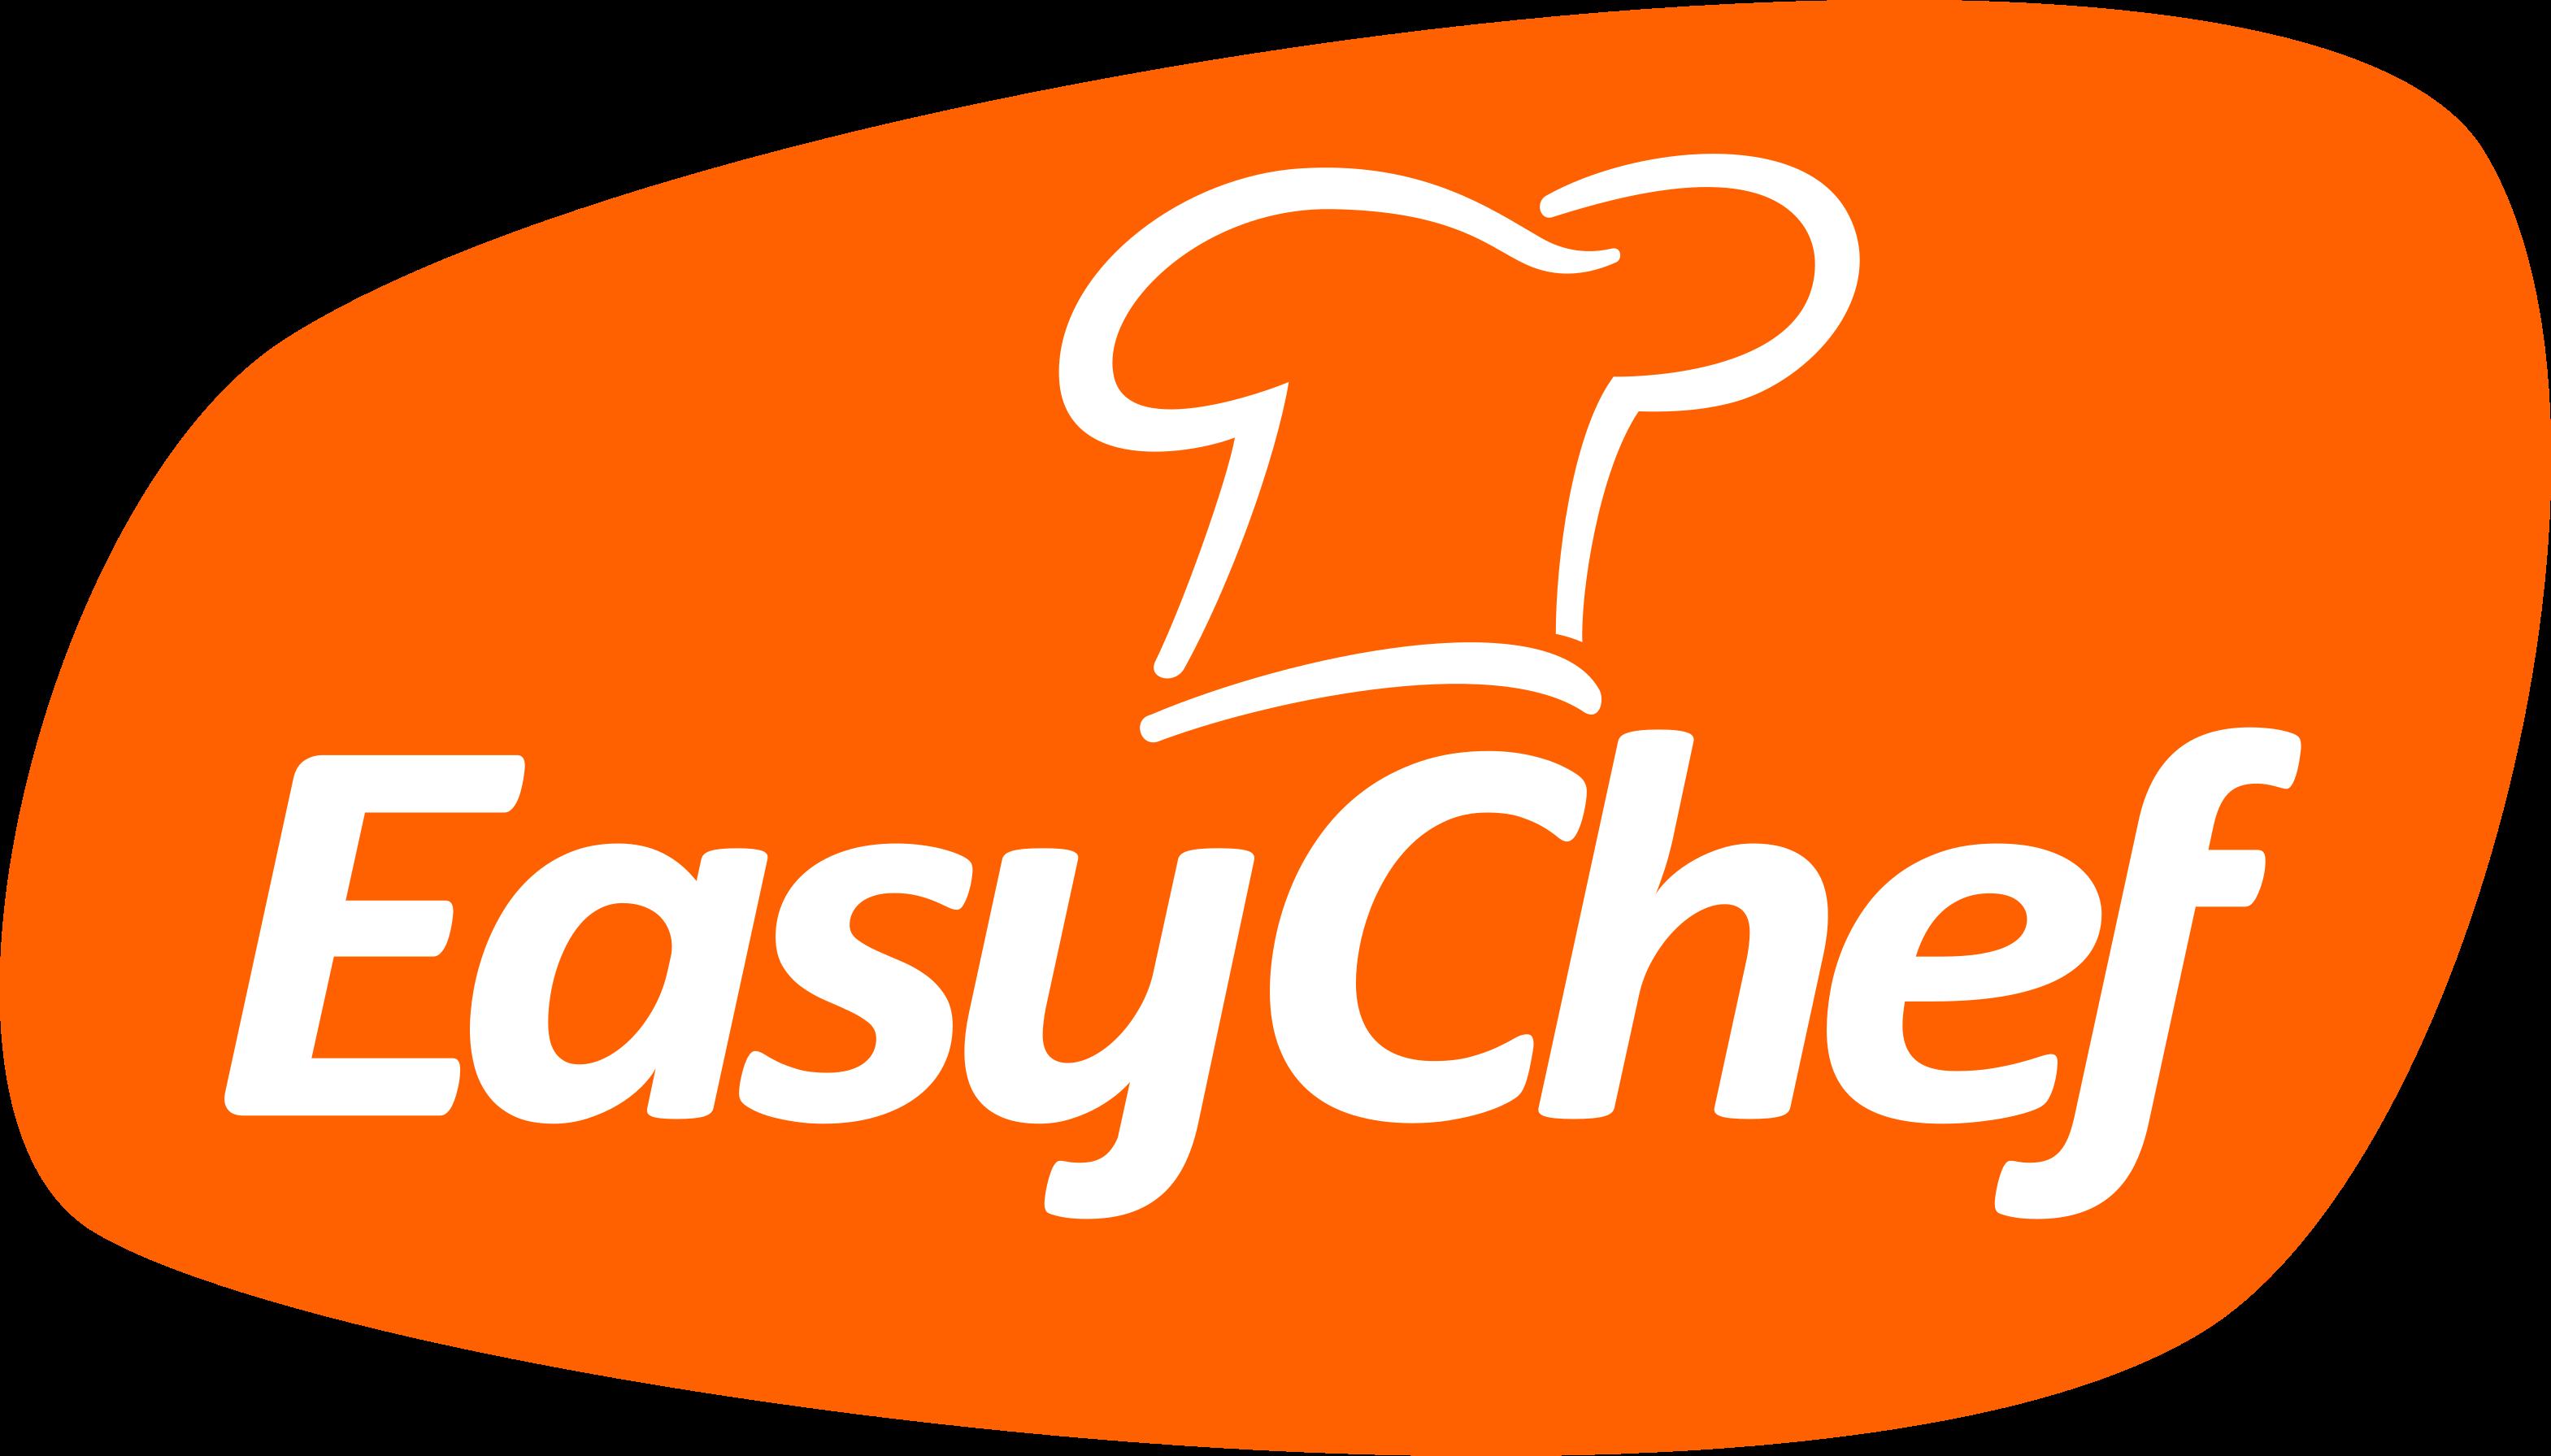 EASYCHEF